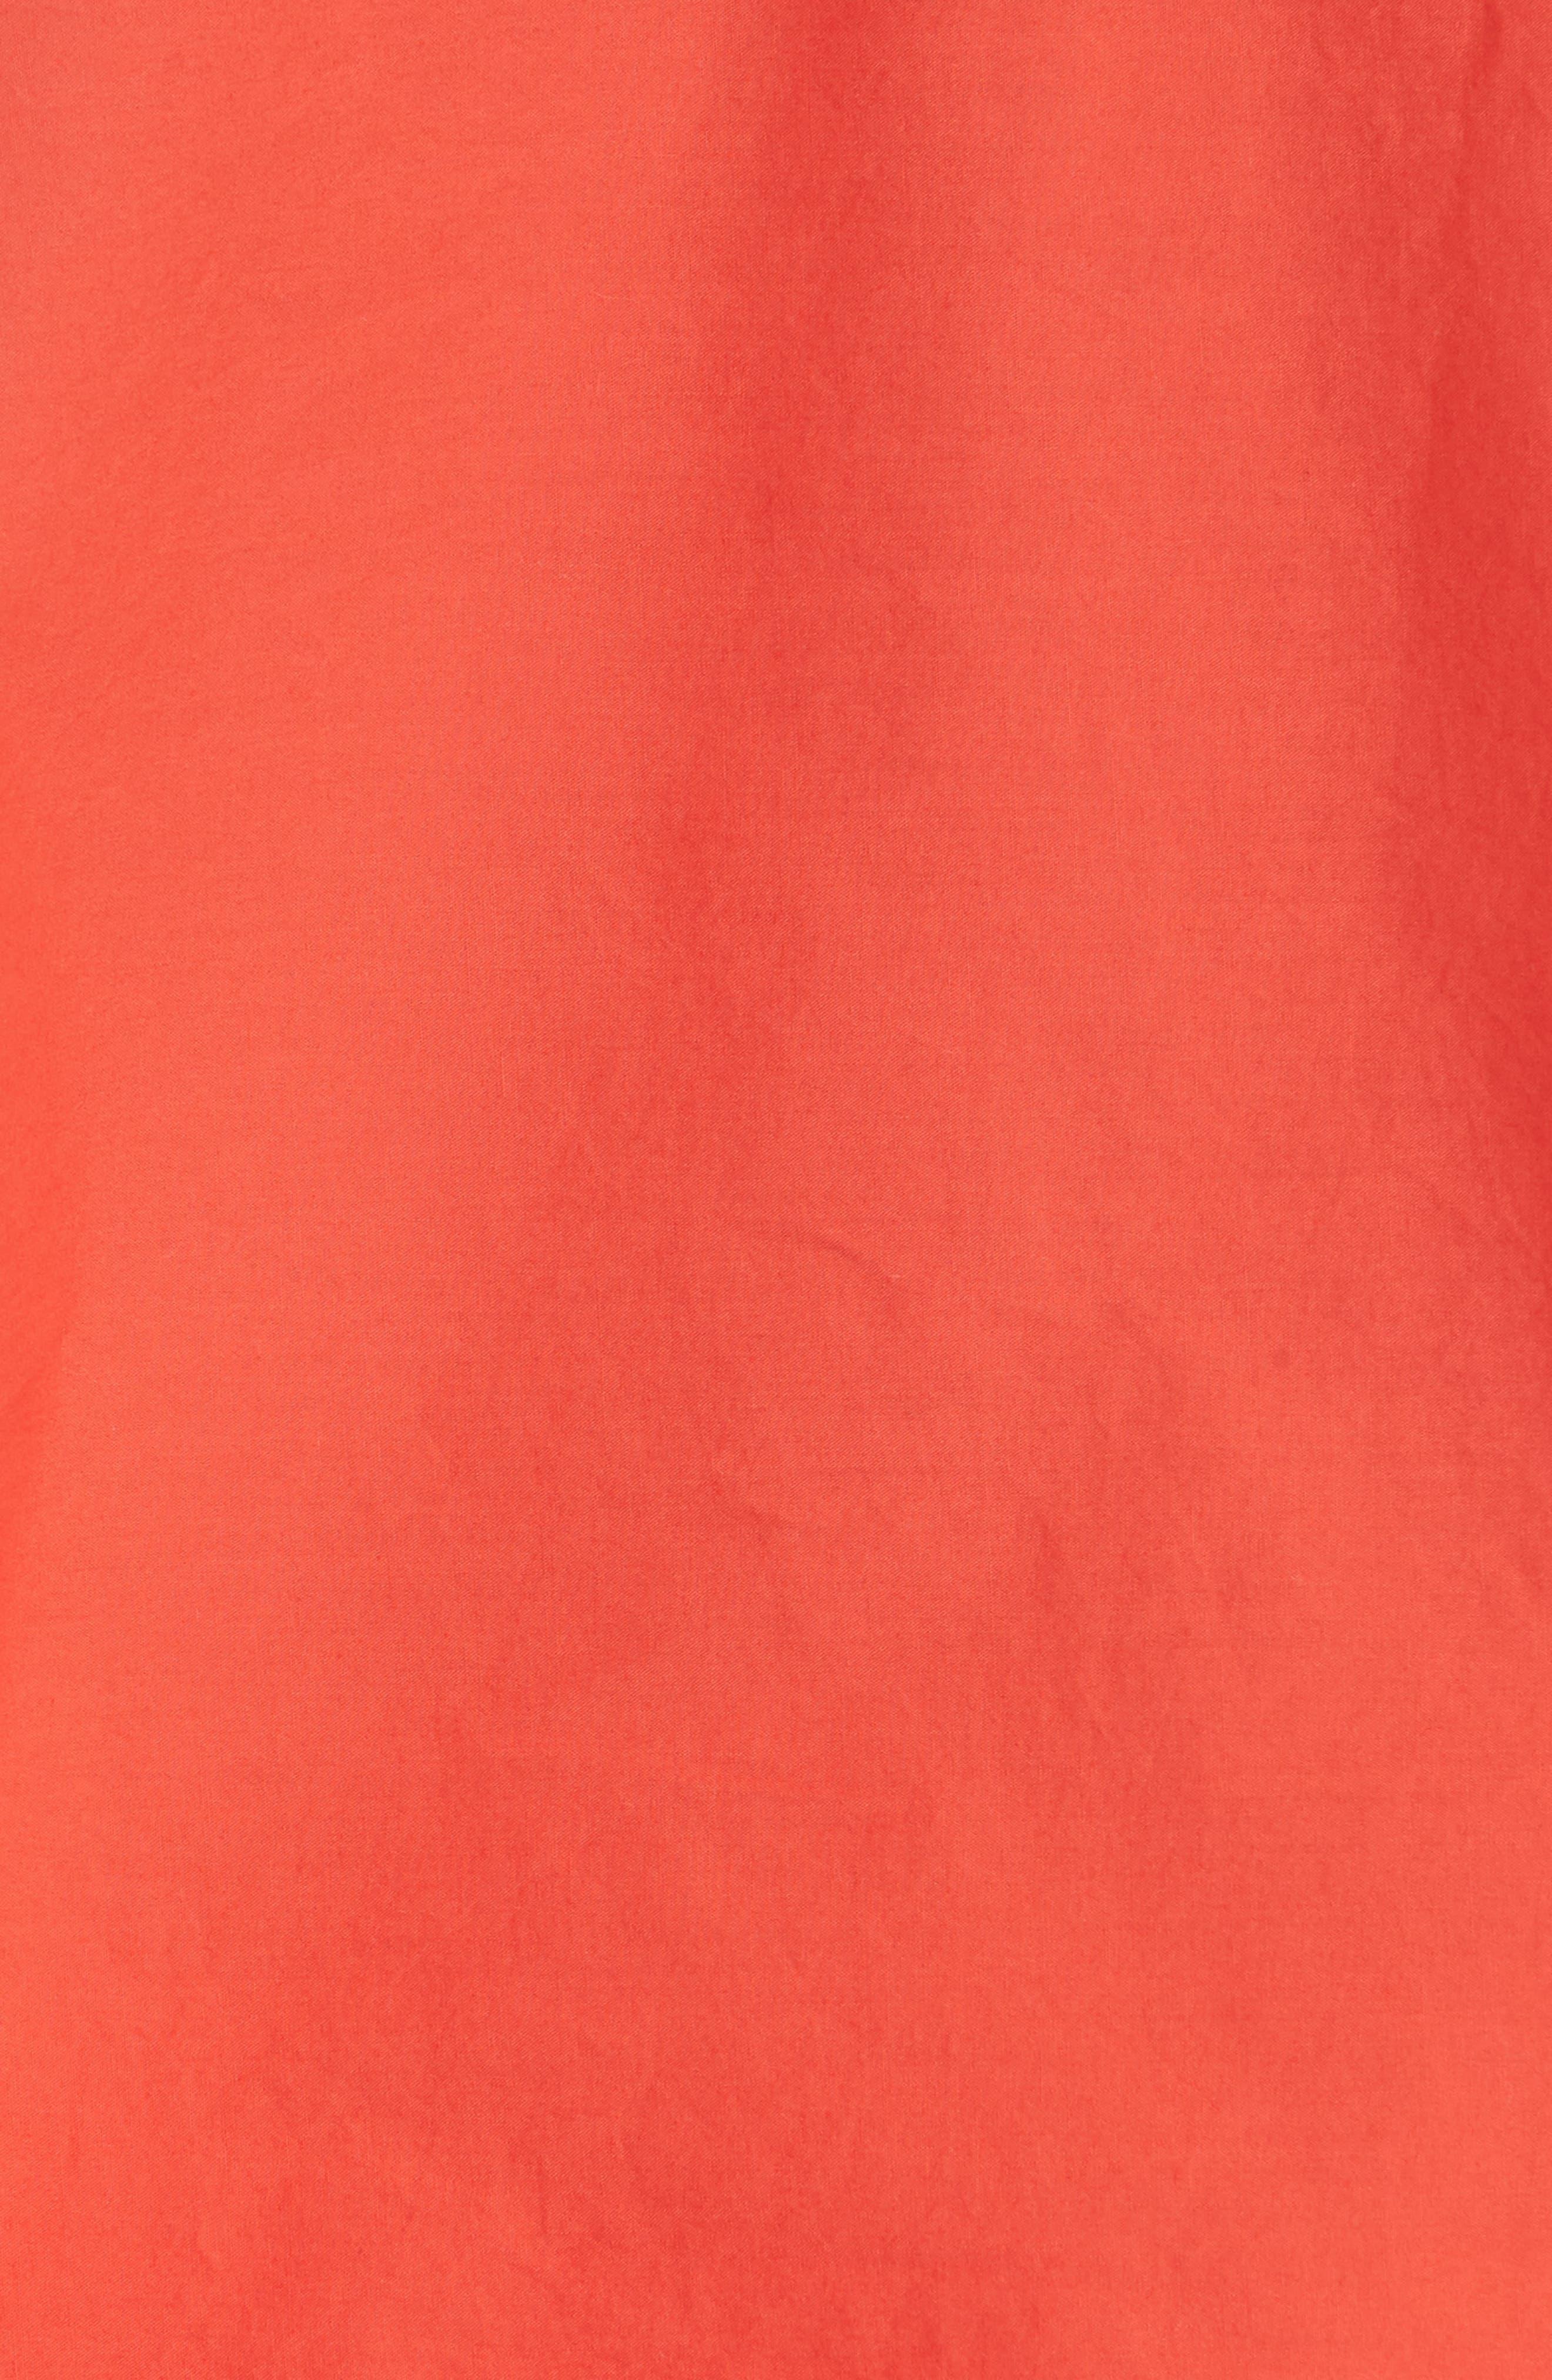 Colissa One-Shoulder Cotton Blouse,                             Alternate thumbnail 5, color,